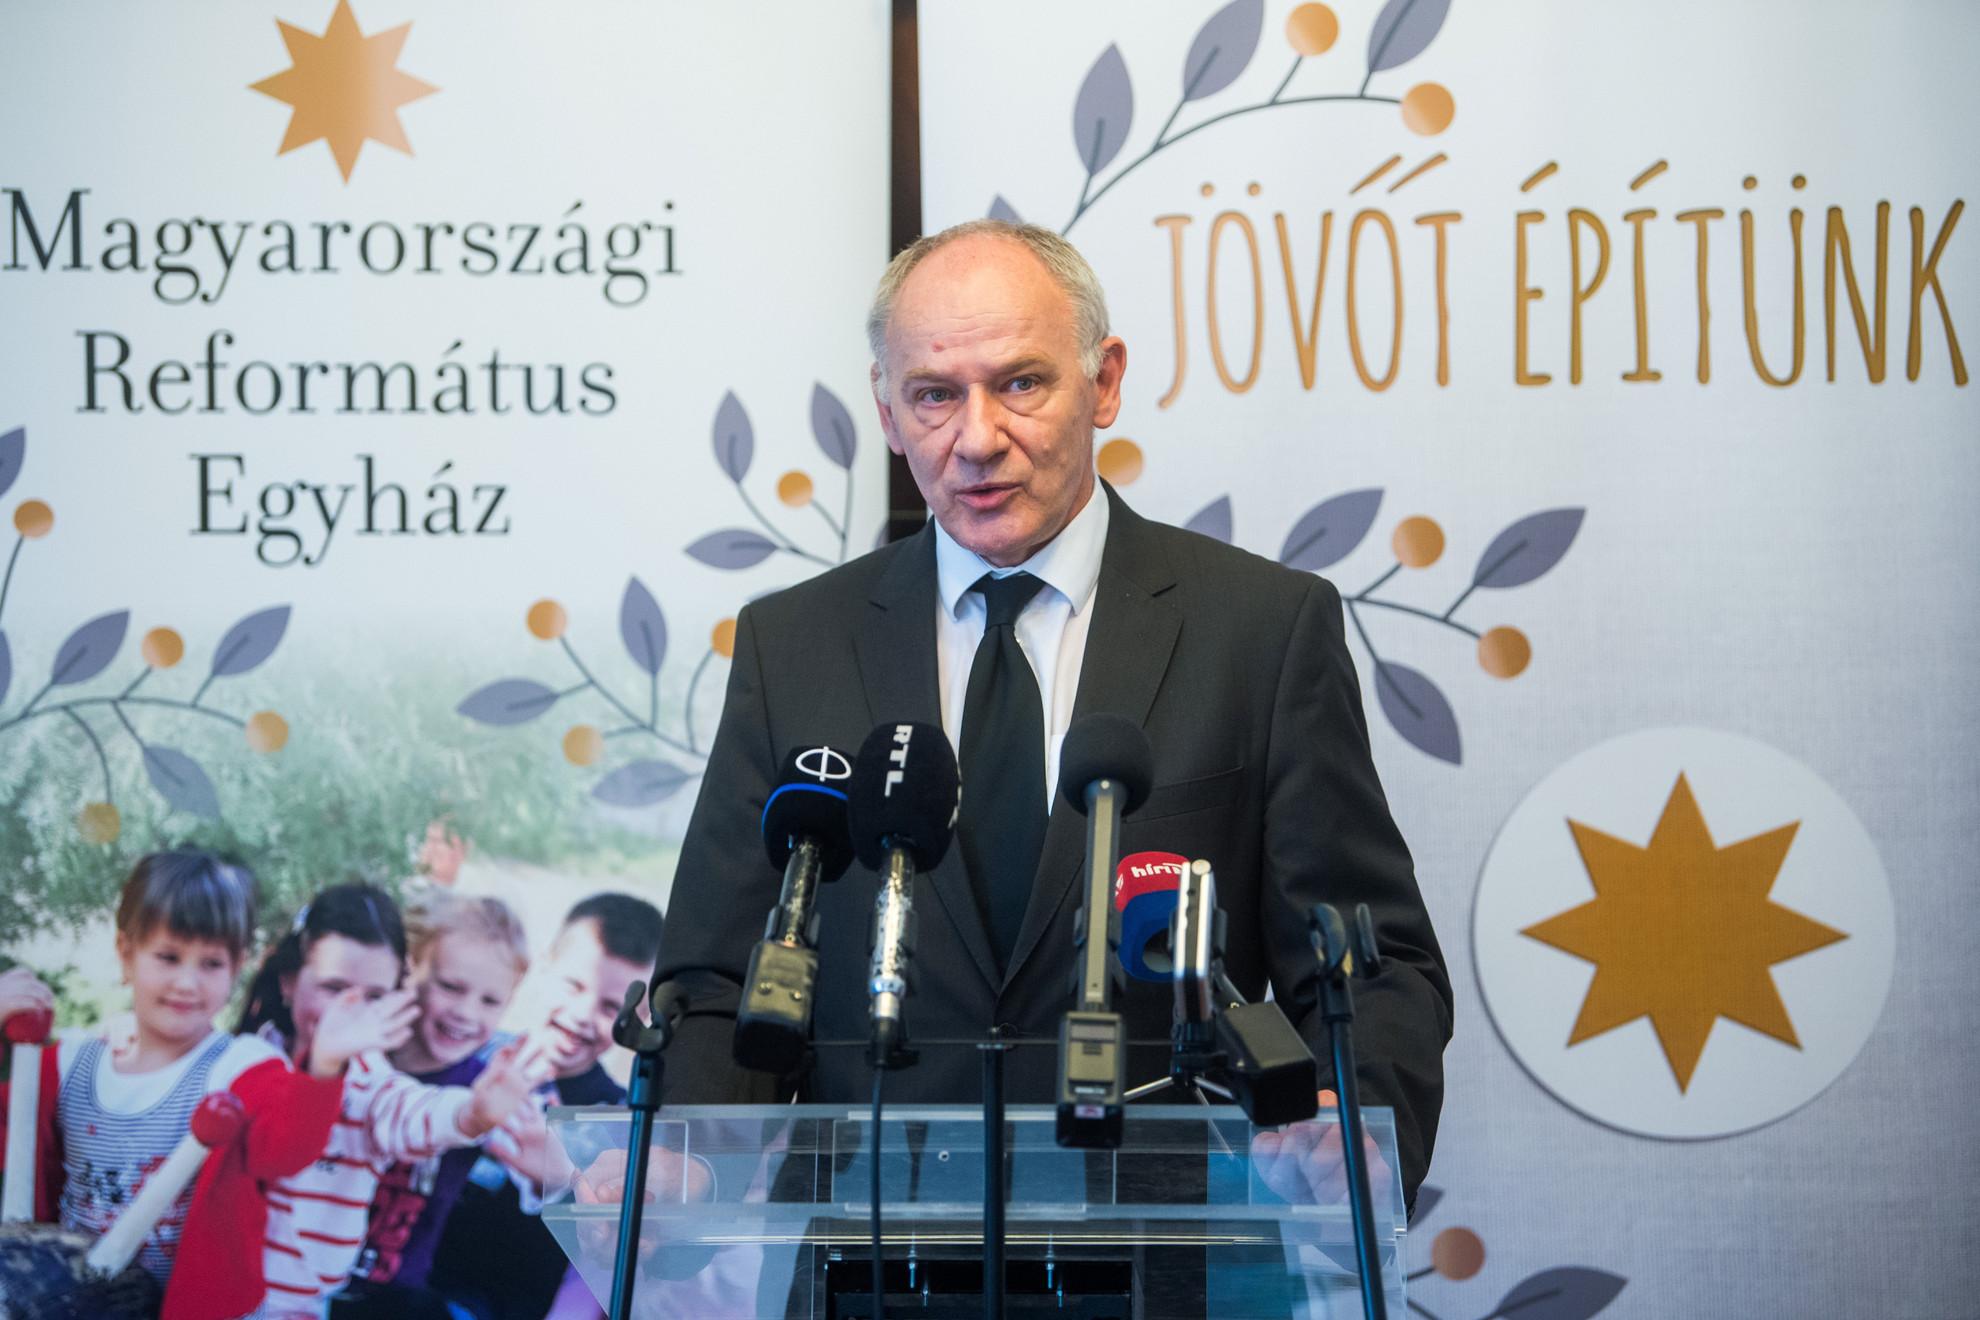 Bogárdi Szabó István püspök, a Magyarországi Református Egyház zsinatának lelkészi elnöke